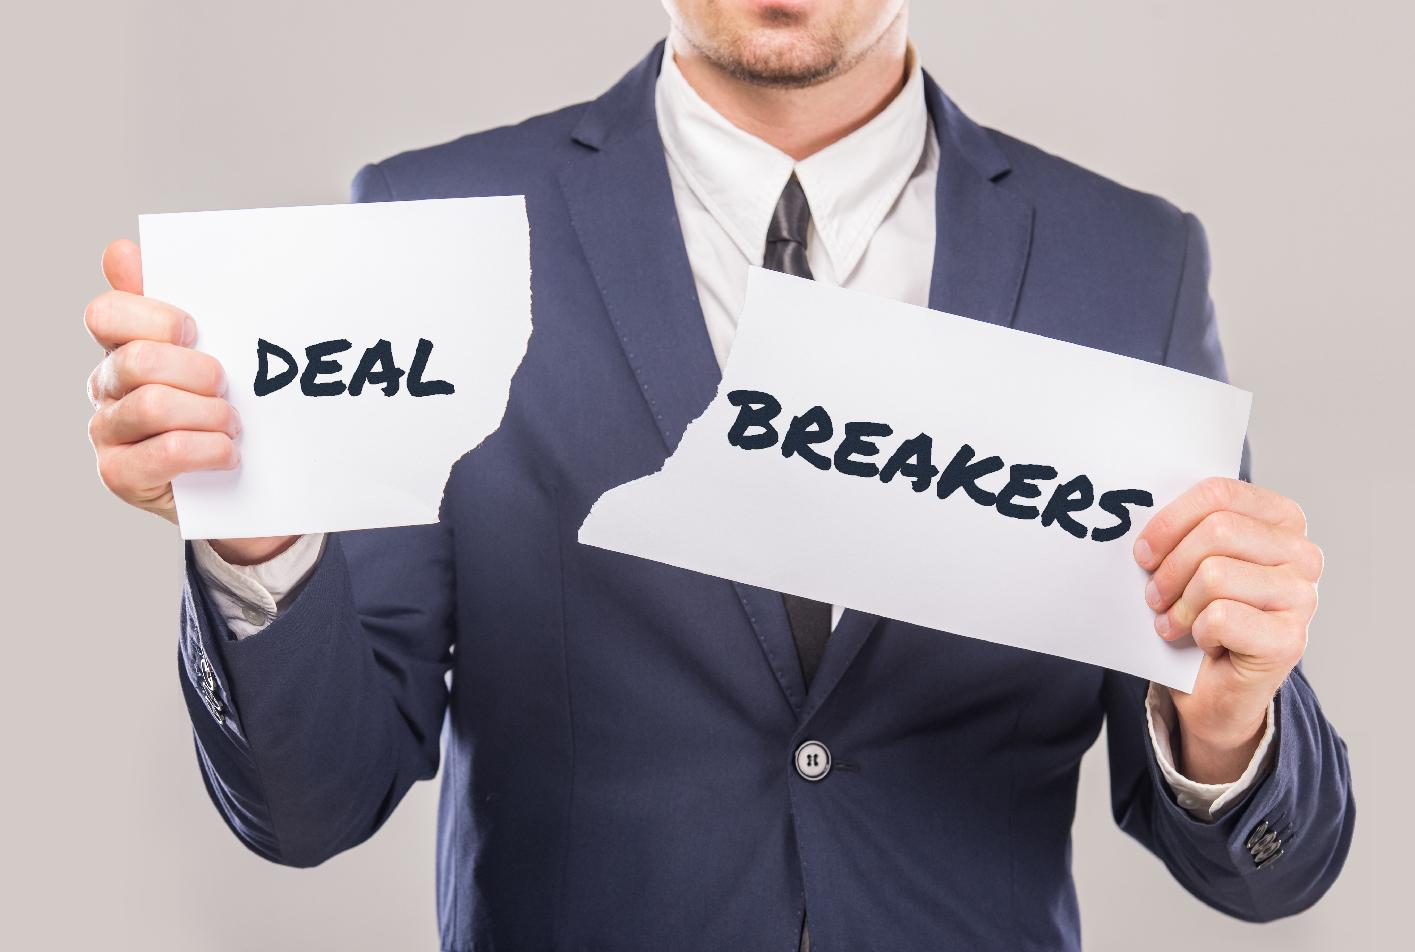 dealbreakers threats to sales team effectiveness